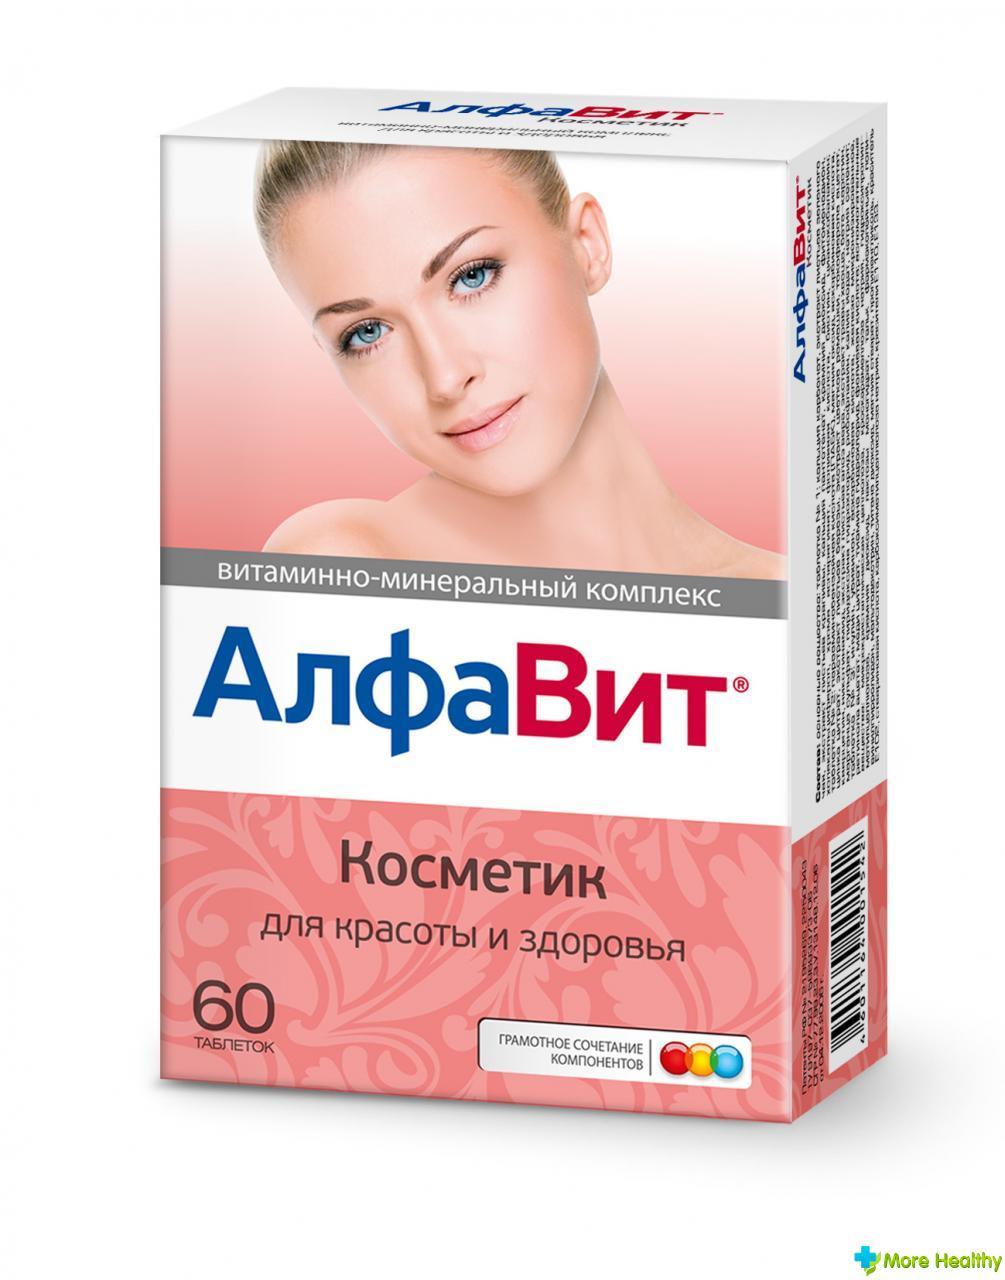 Витамин алфавит косметик отзывы цена